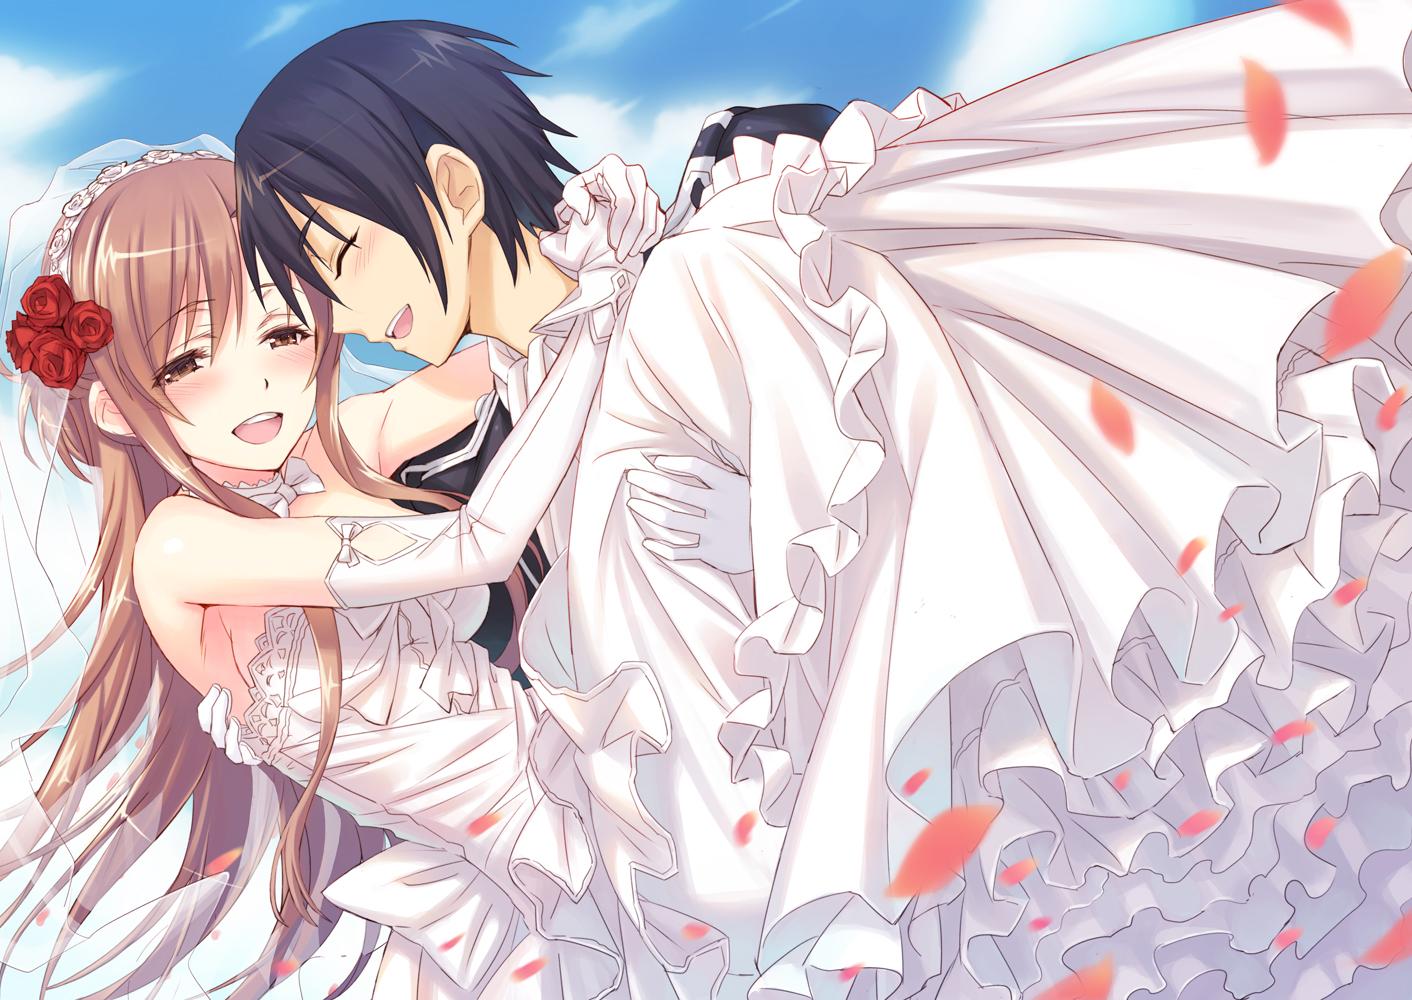 Anime Wedding   Kirito And Asuna Wedding Hd Wallpapers 1412x1000